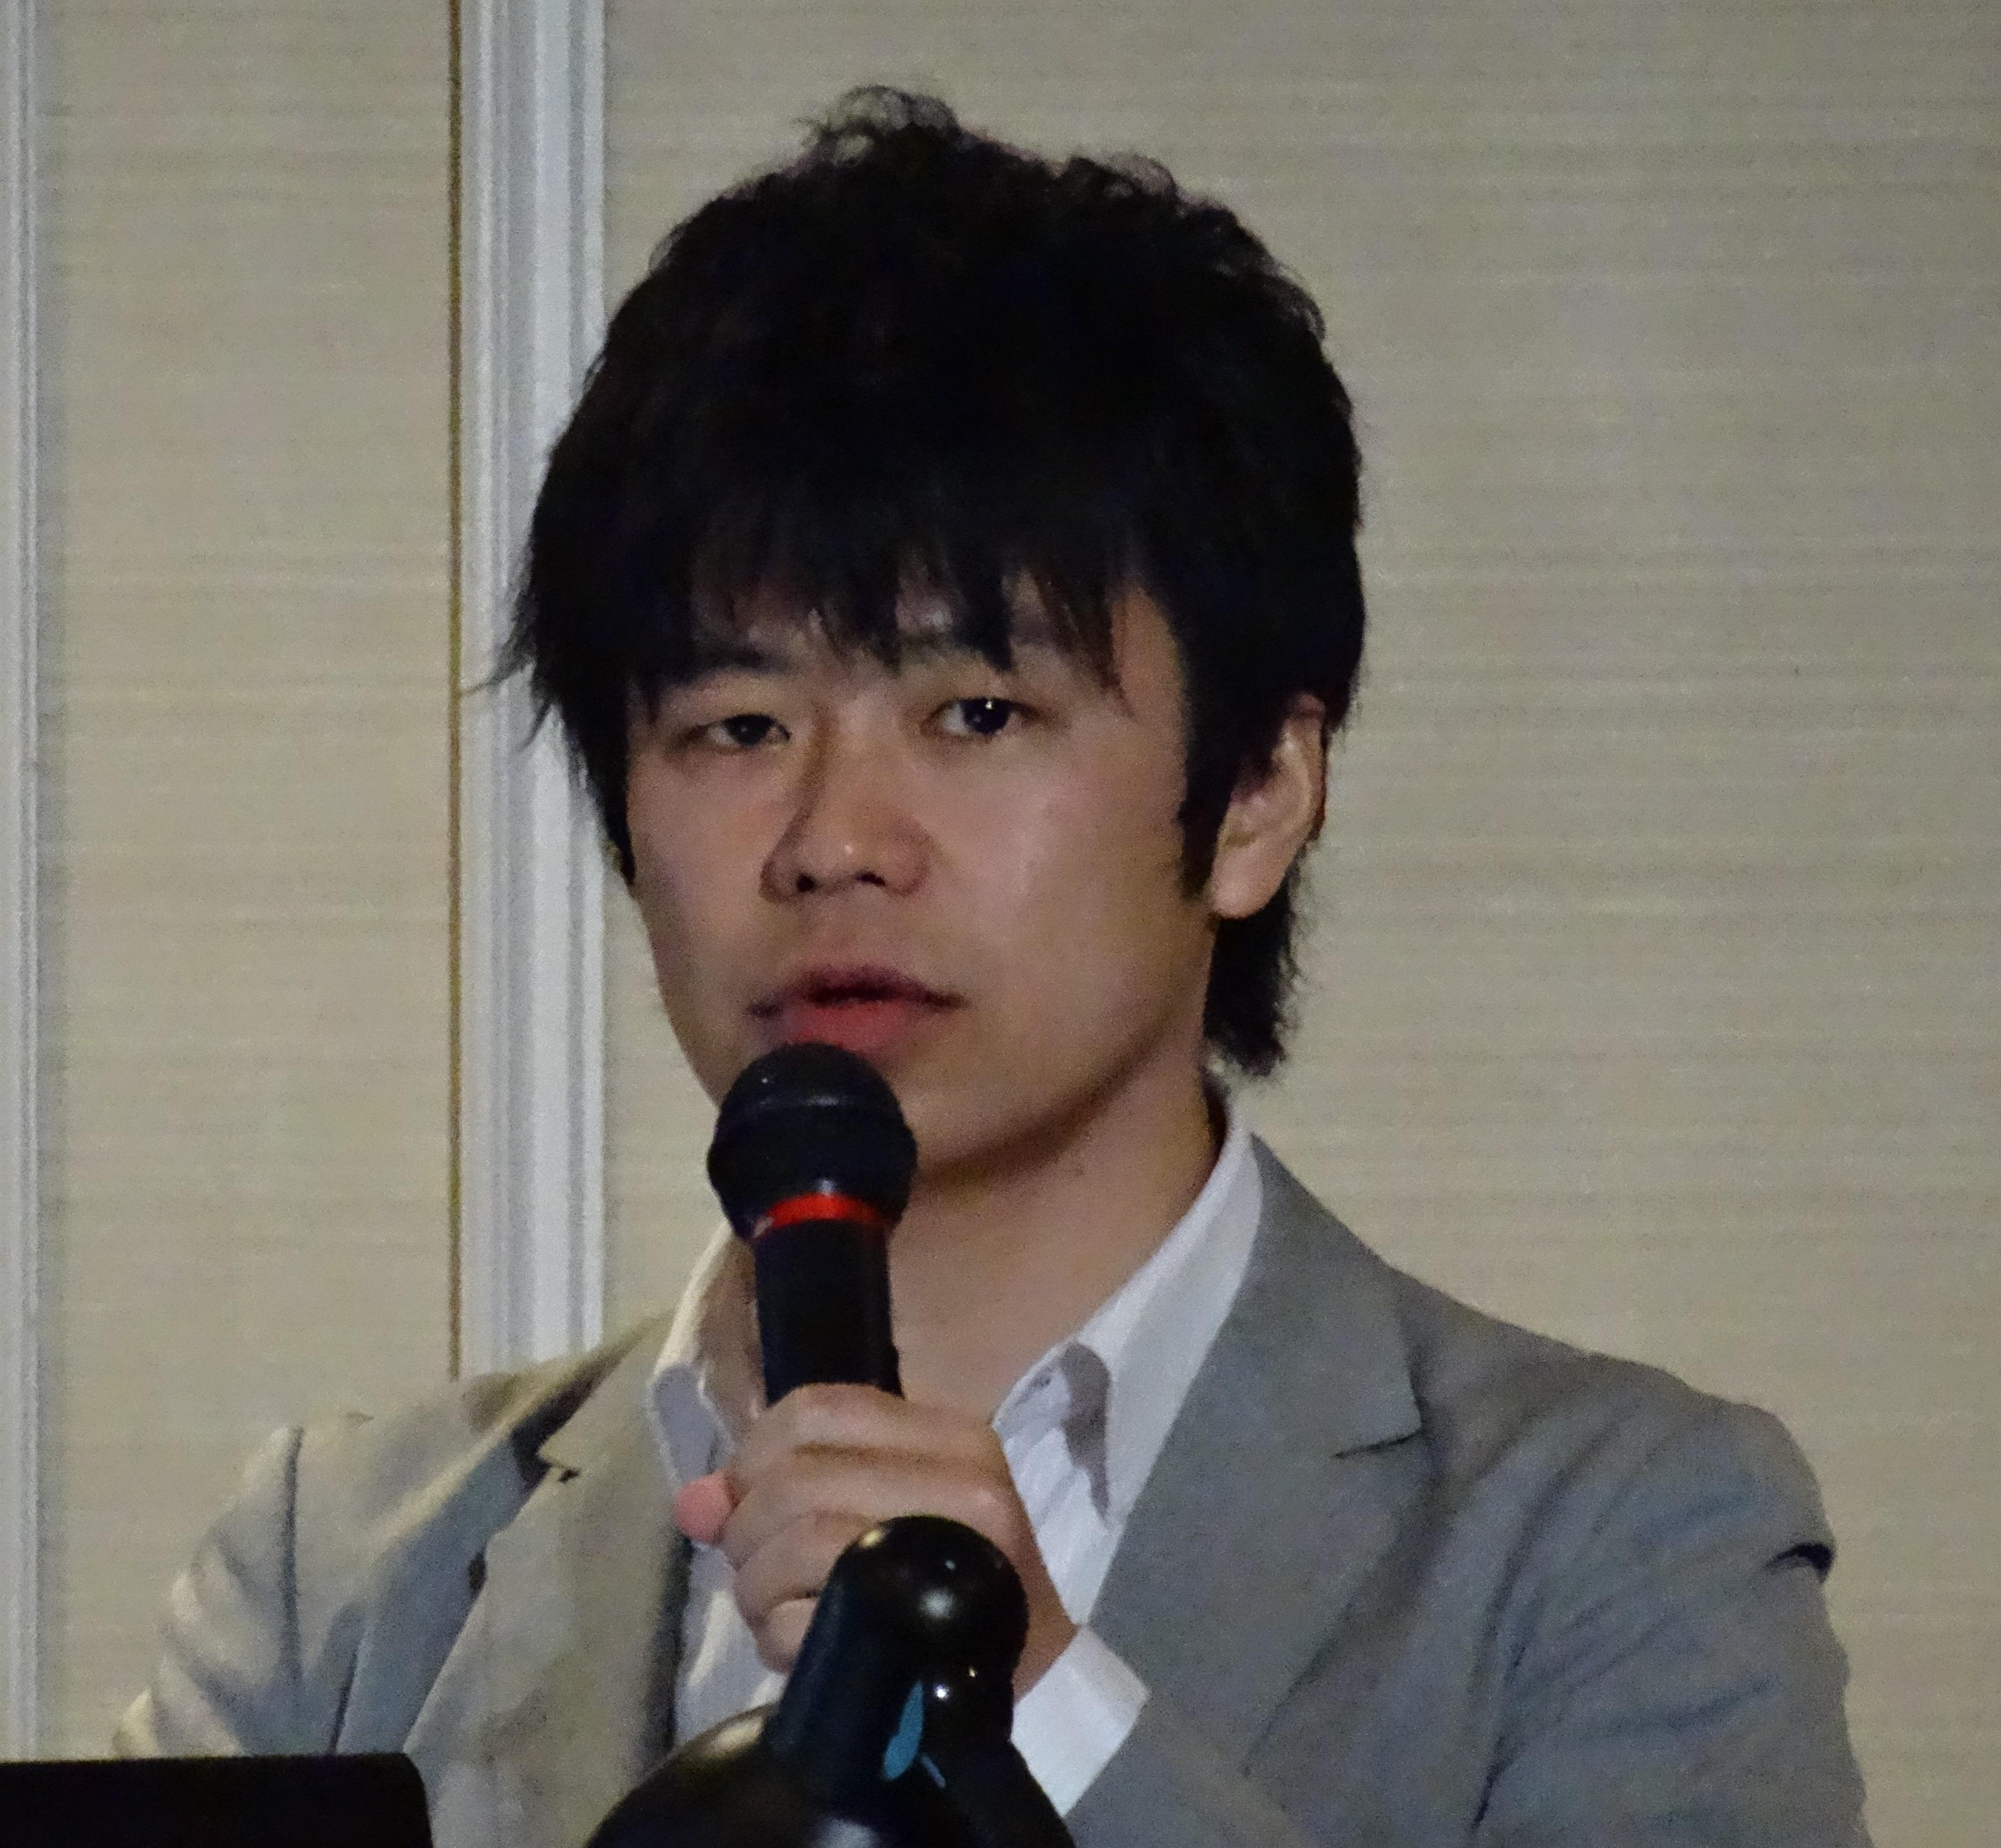 専属講師・井上智洋先生の講演を聴いてきました